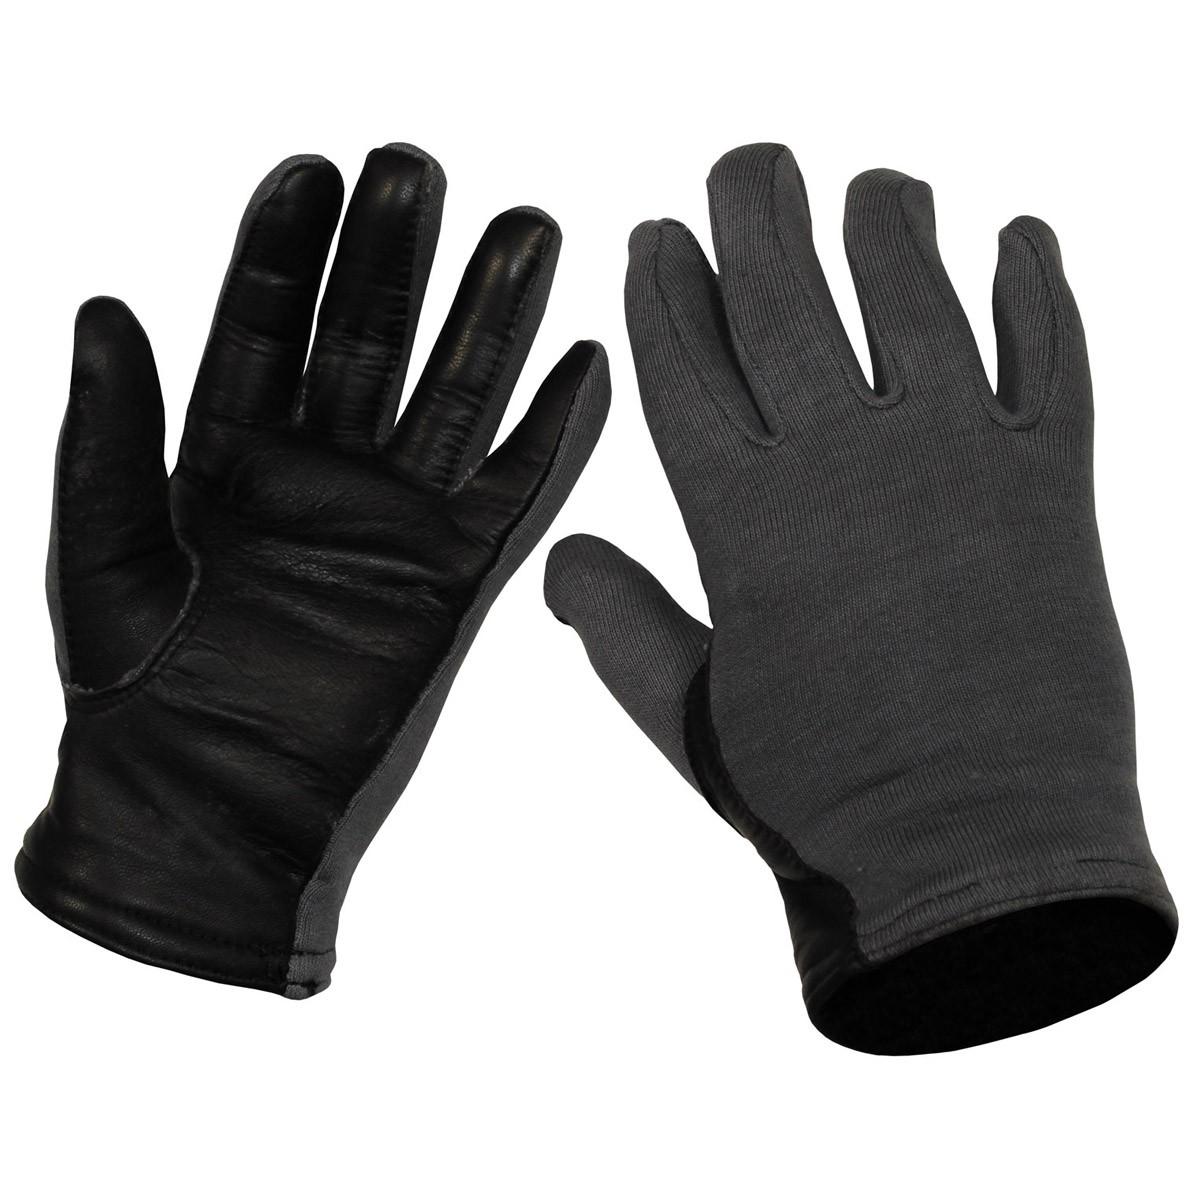 Belg gloves grey Pilot like new 615495